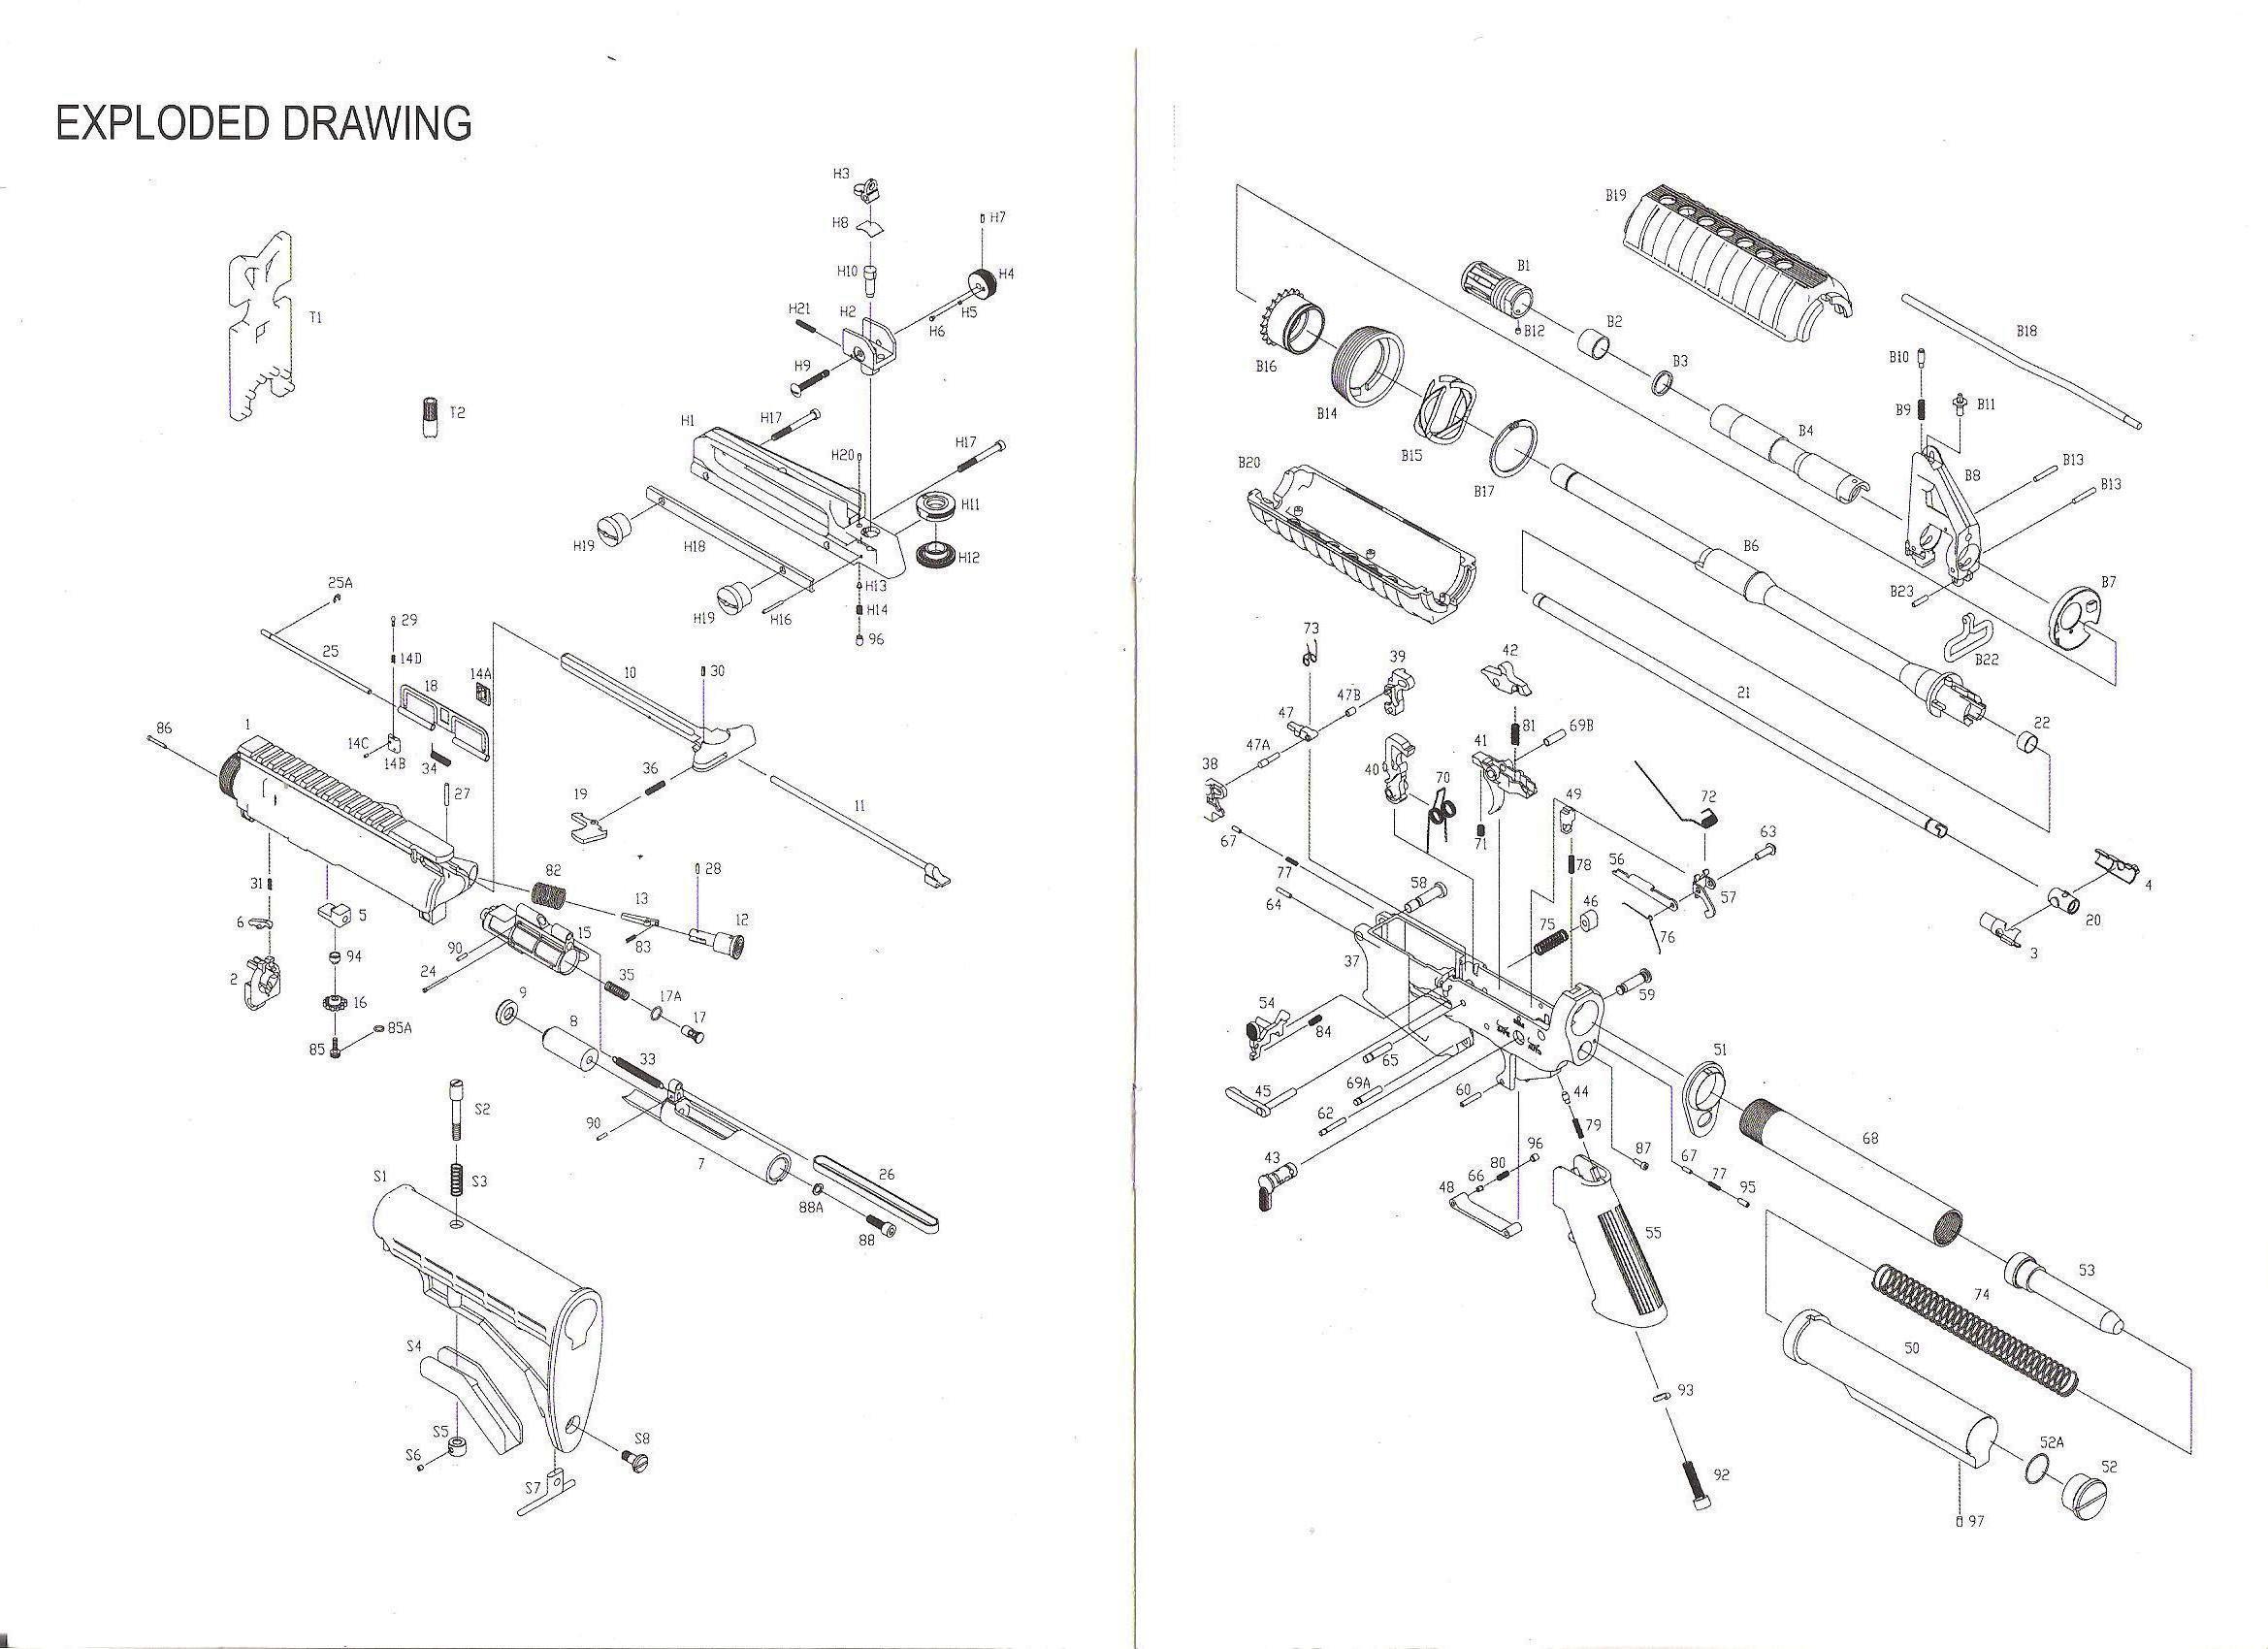 Éclaté réplique , Éclaté chargeur , Liste des pièces , détail M4  712958clatrpliquekjw001-2d66bda